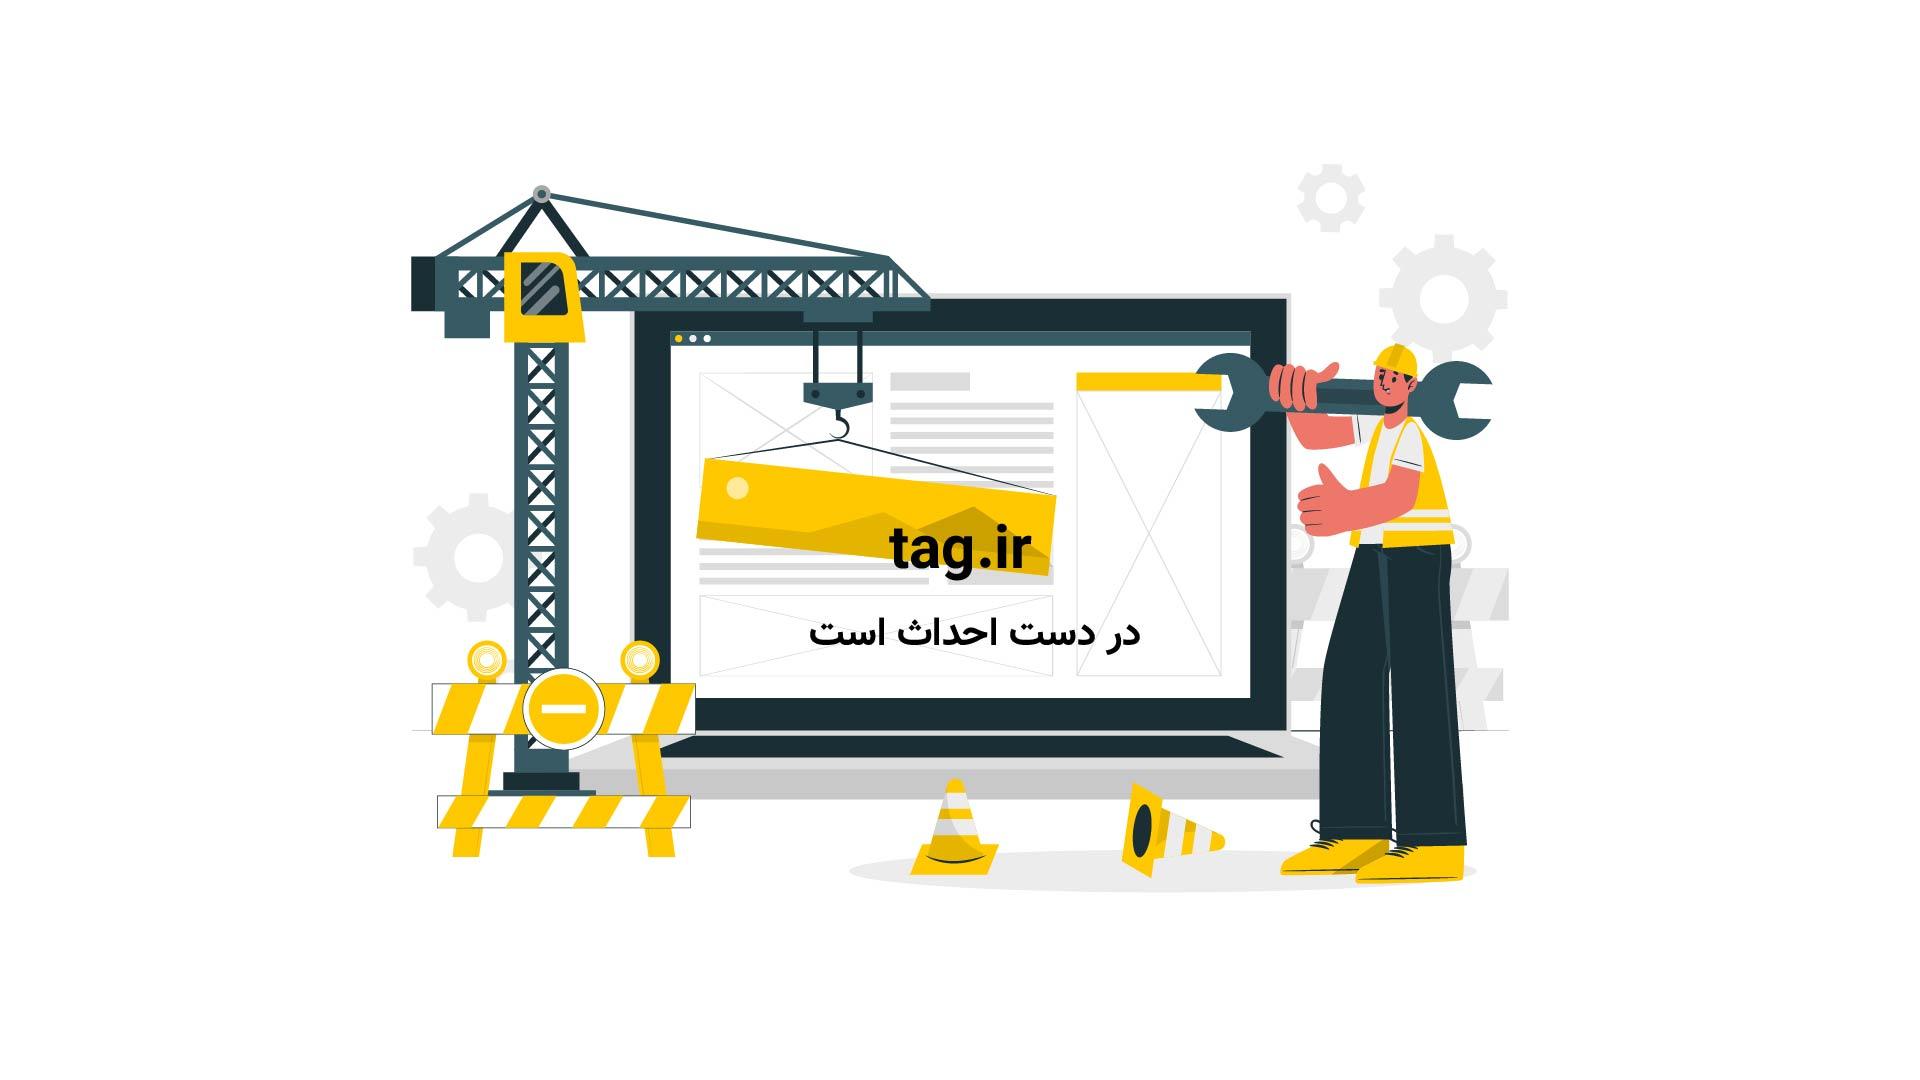 صحنههای جذاب از لحظات شکار حیوانات مختلف|تگ